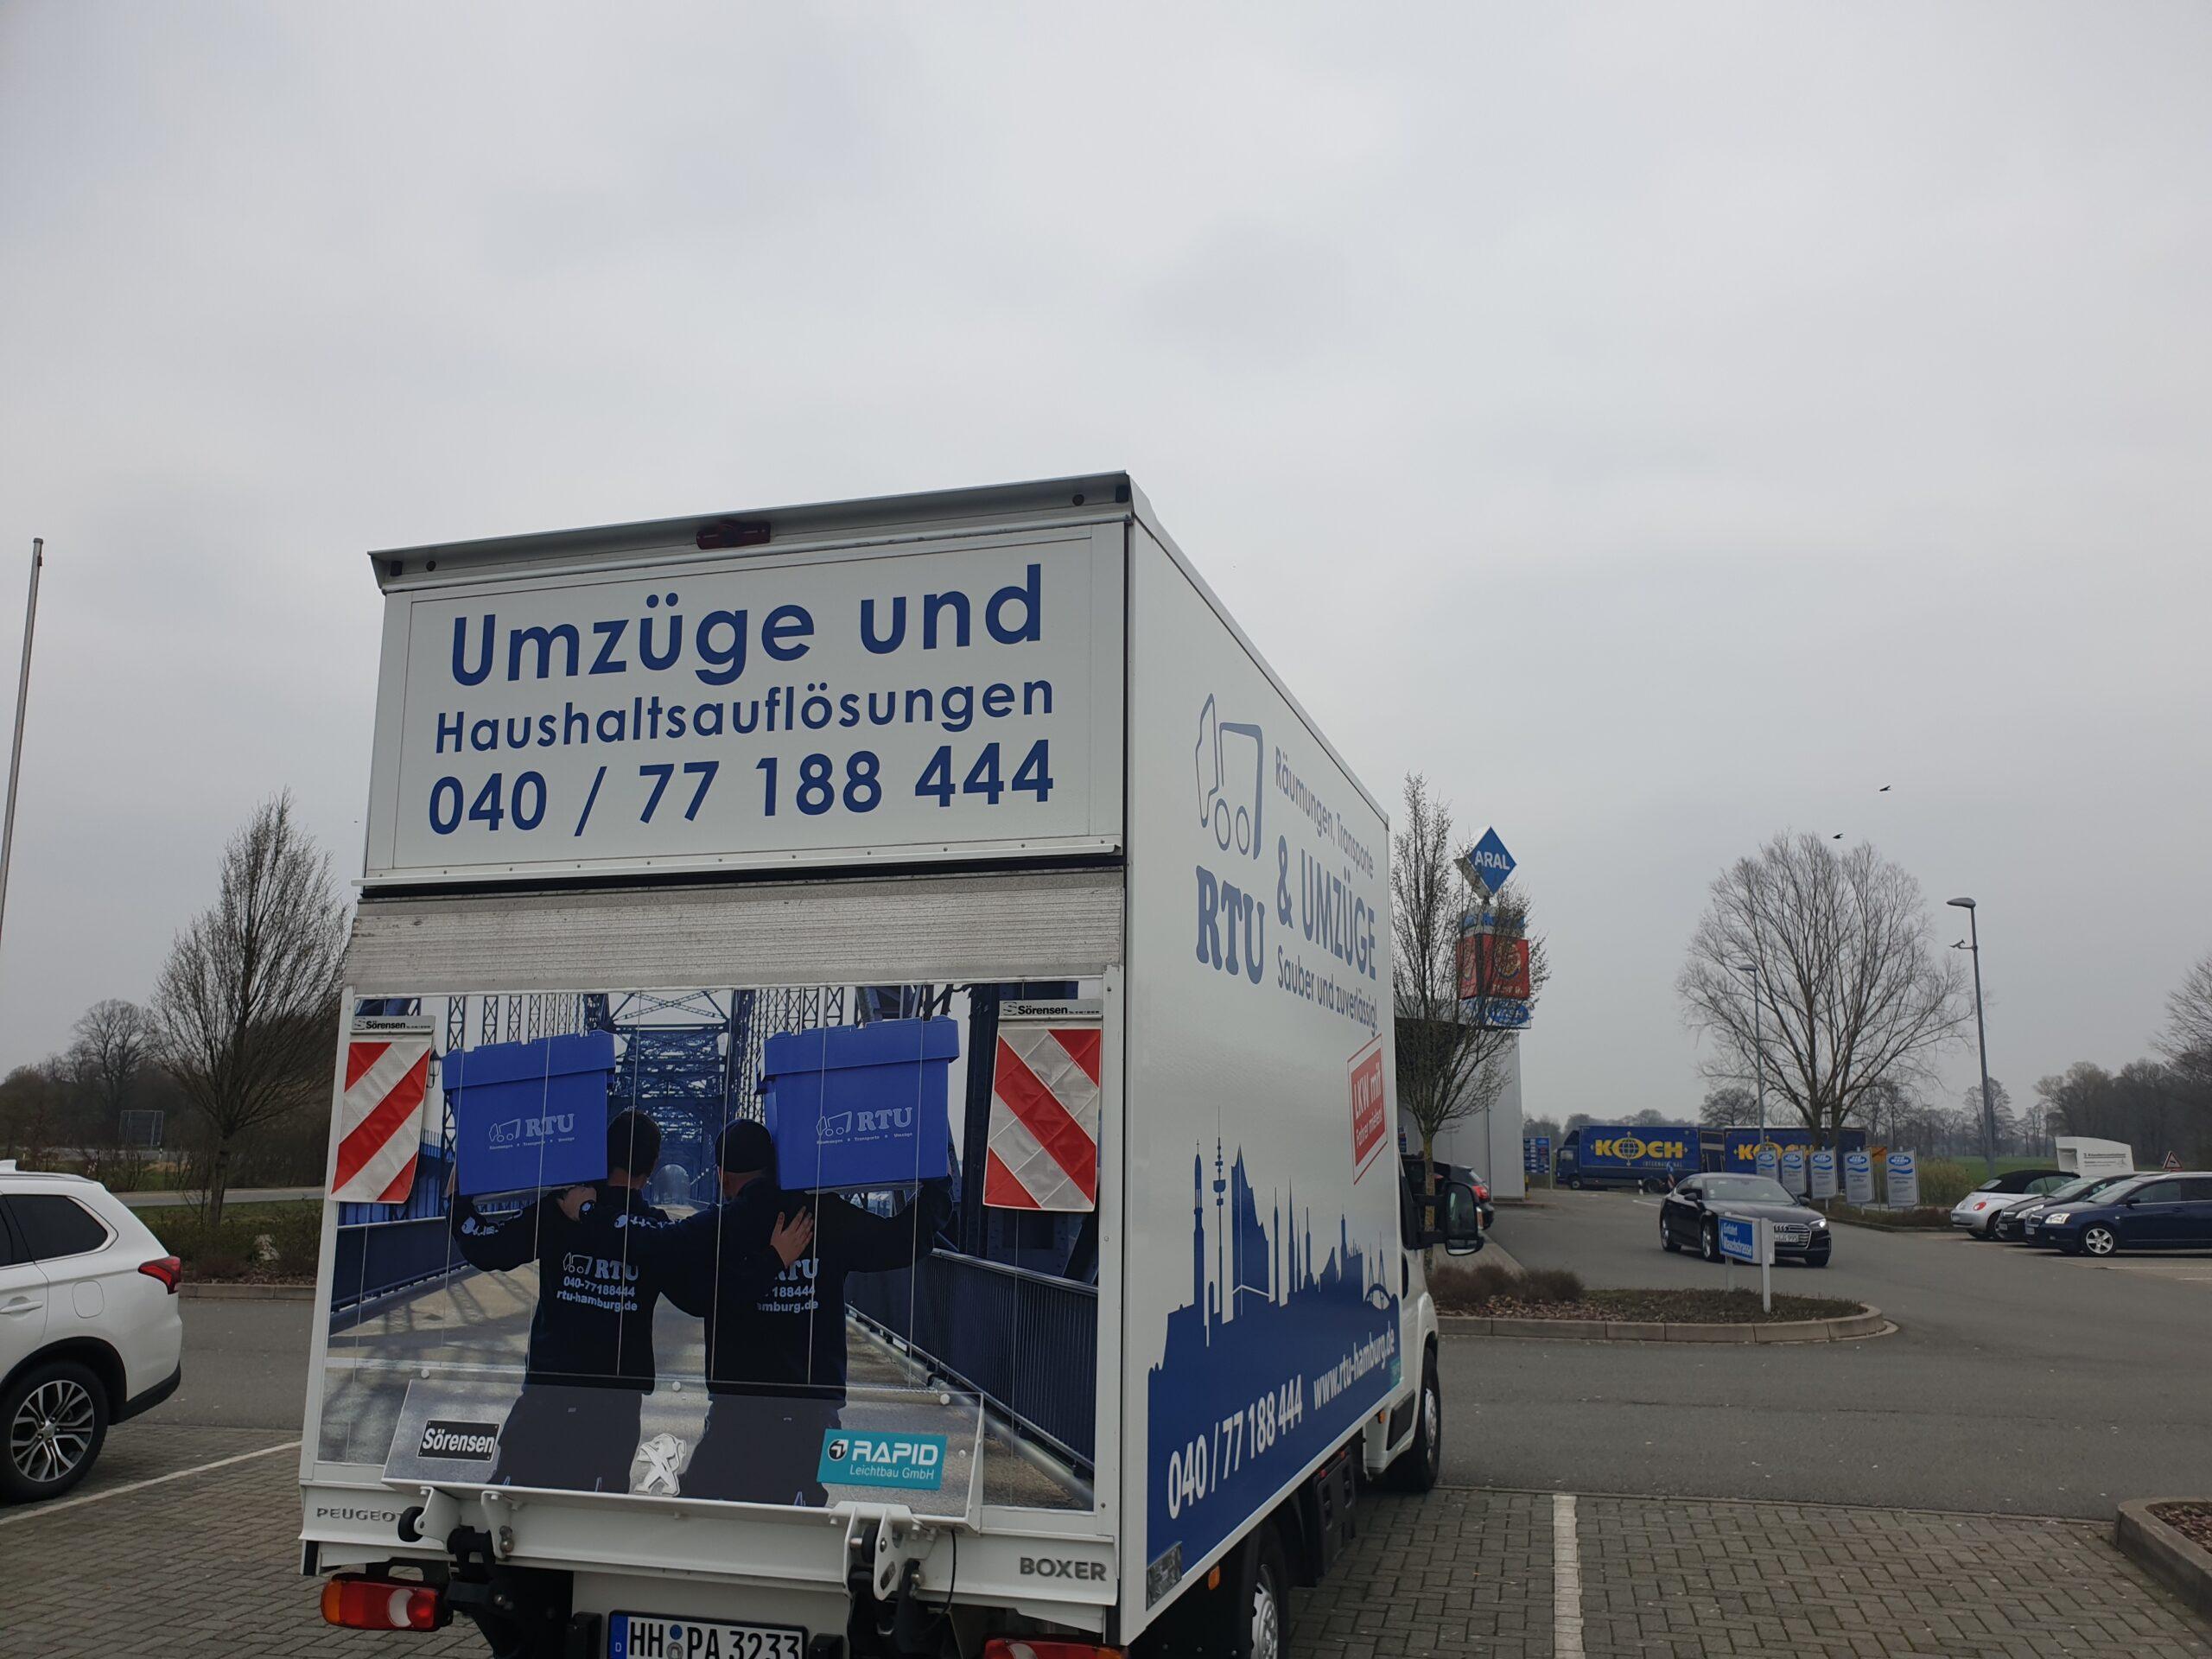 https://www.rtu-hamburg.de/wp-content/uploads/2020/10/Umzuege-und-mehr-mit-Umzugsservice-RTU-aus-Hamburg-scaled.jpg